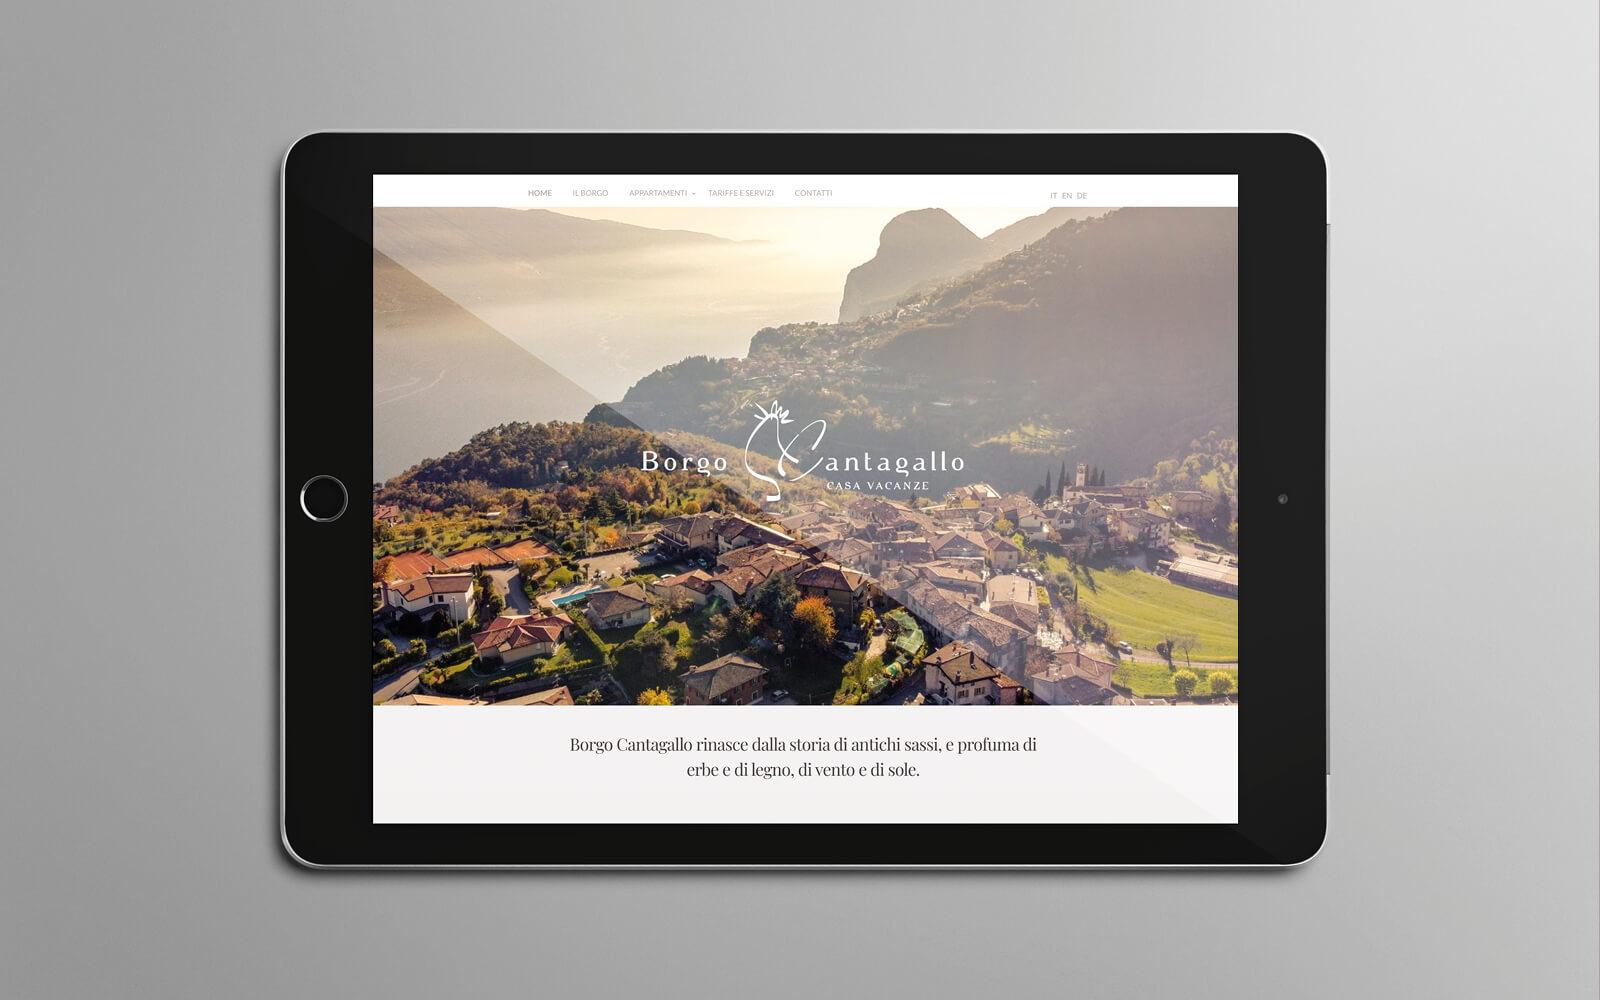 progetto grafico per il sito web responsive Borgo Cantagallo, progettato dall'agenzia di pubblicità Diade studio di Arco